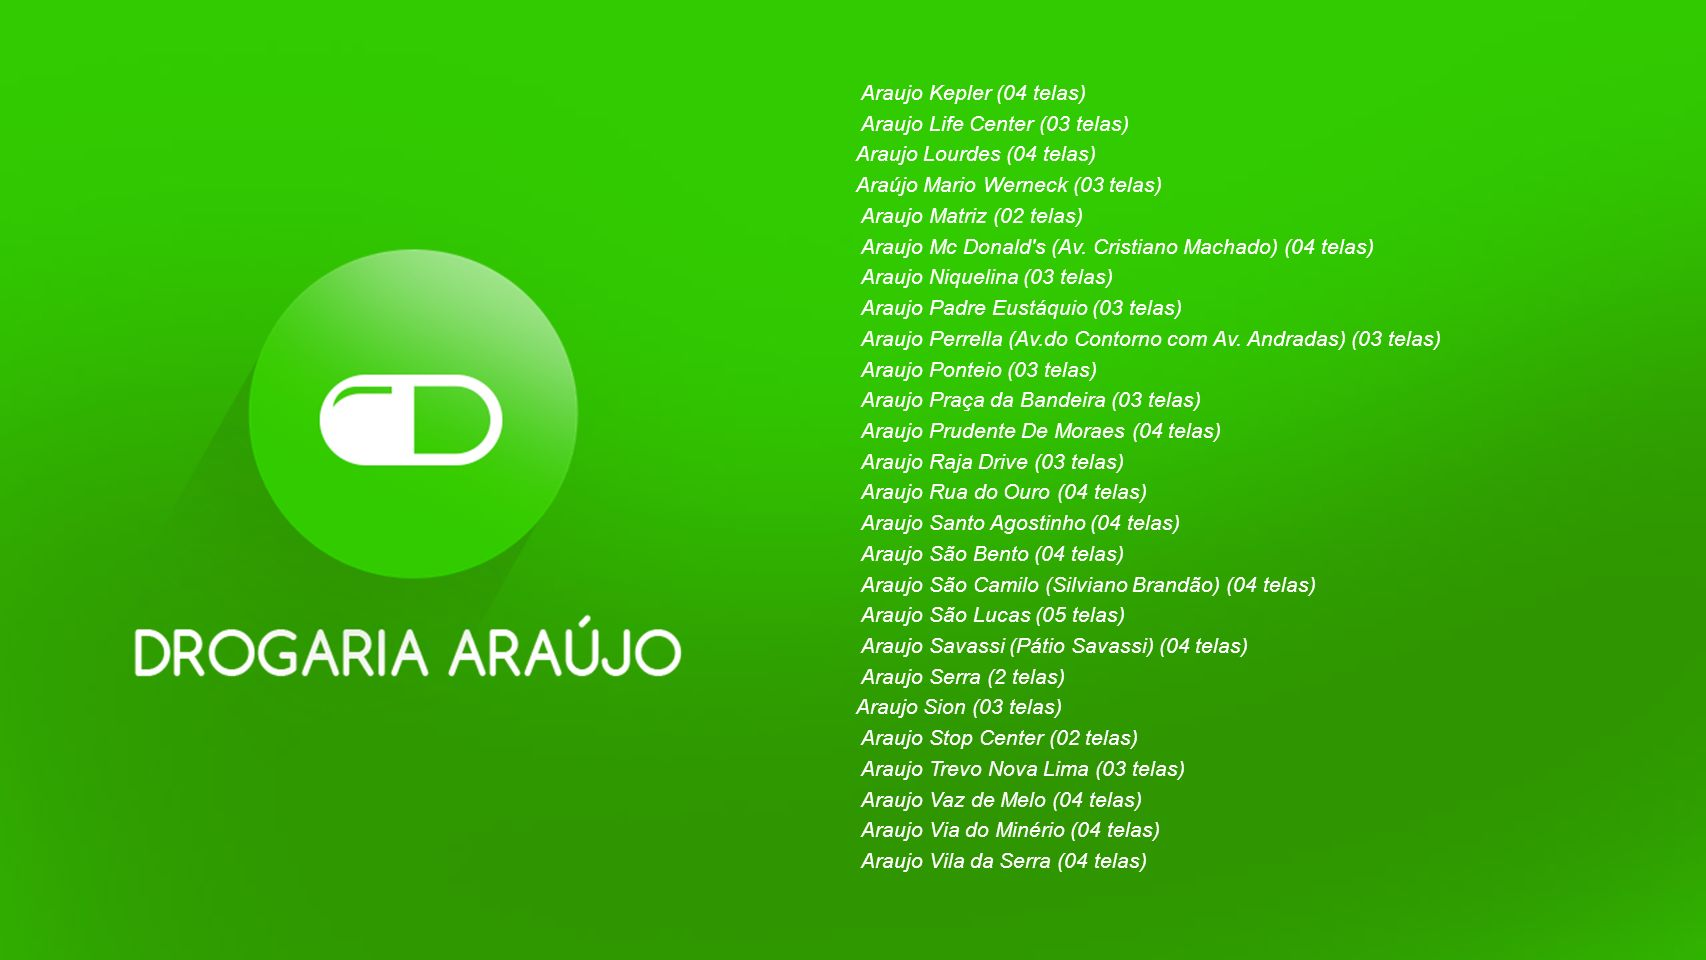 Araujo Kepler (04 telas) Araujo Life Center (03 telas) Araujo Lourdes (04 telas) Araújo Mario Werneck (03 telas)